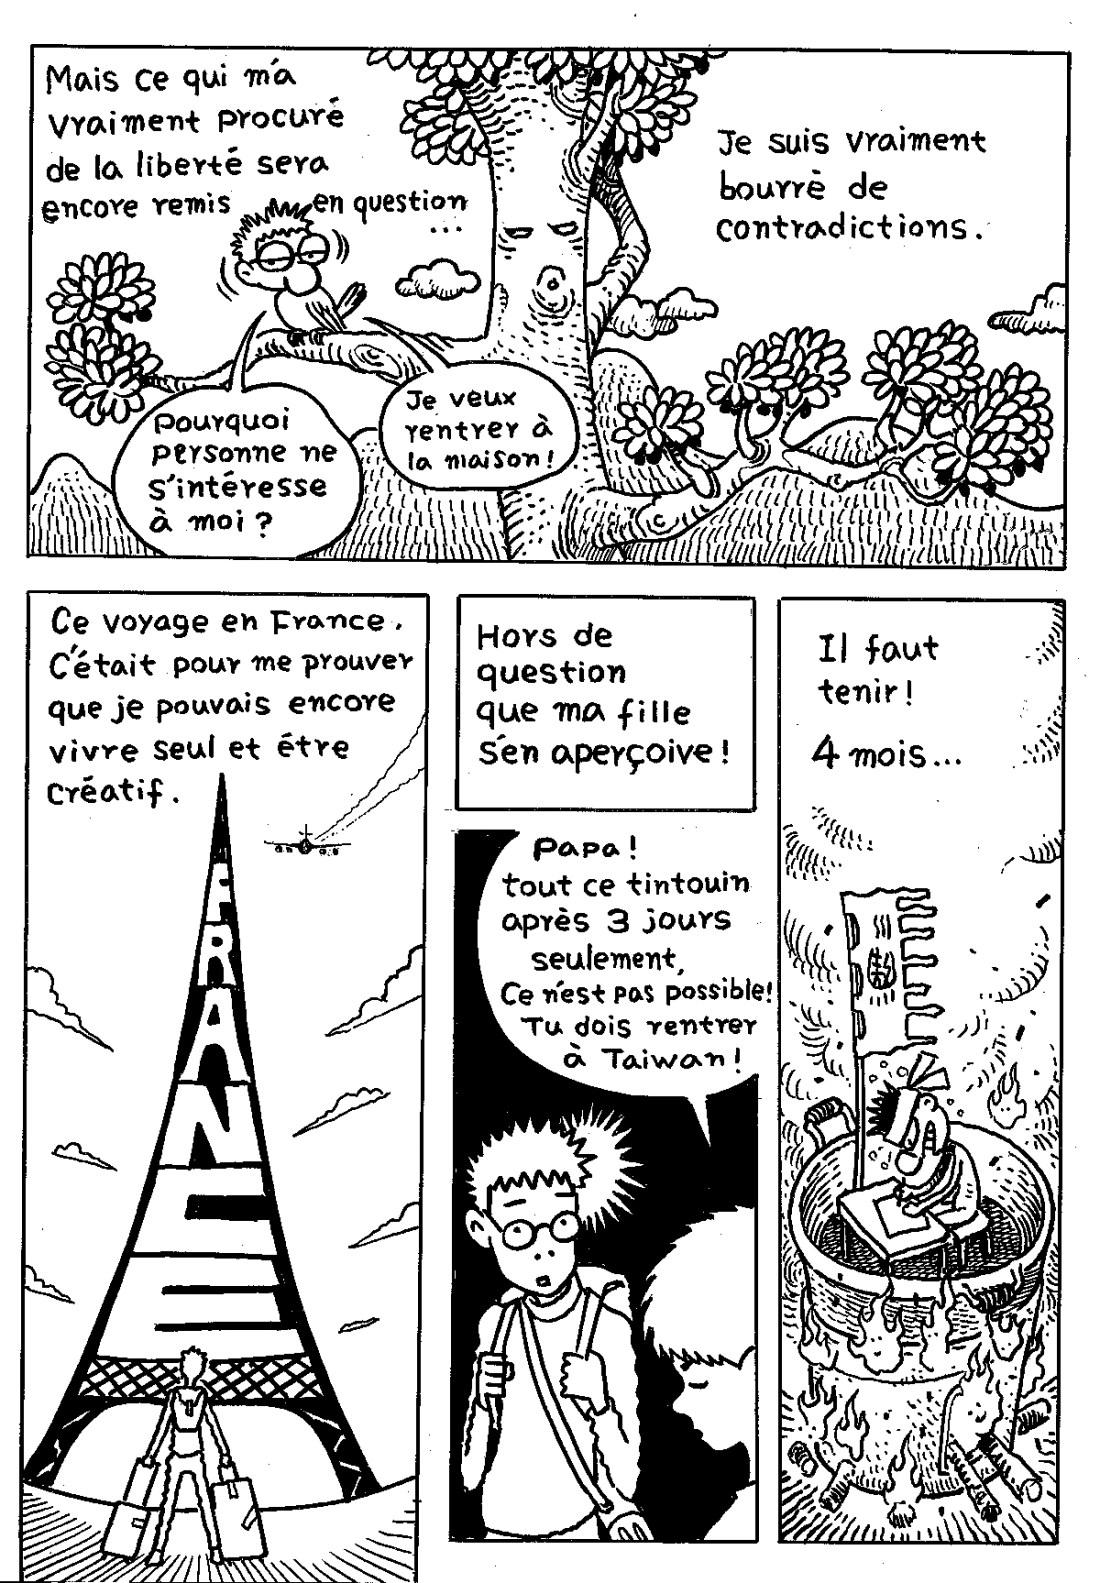 angouleme137